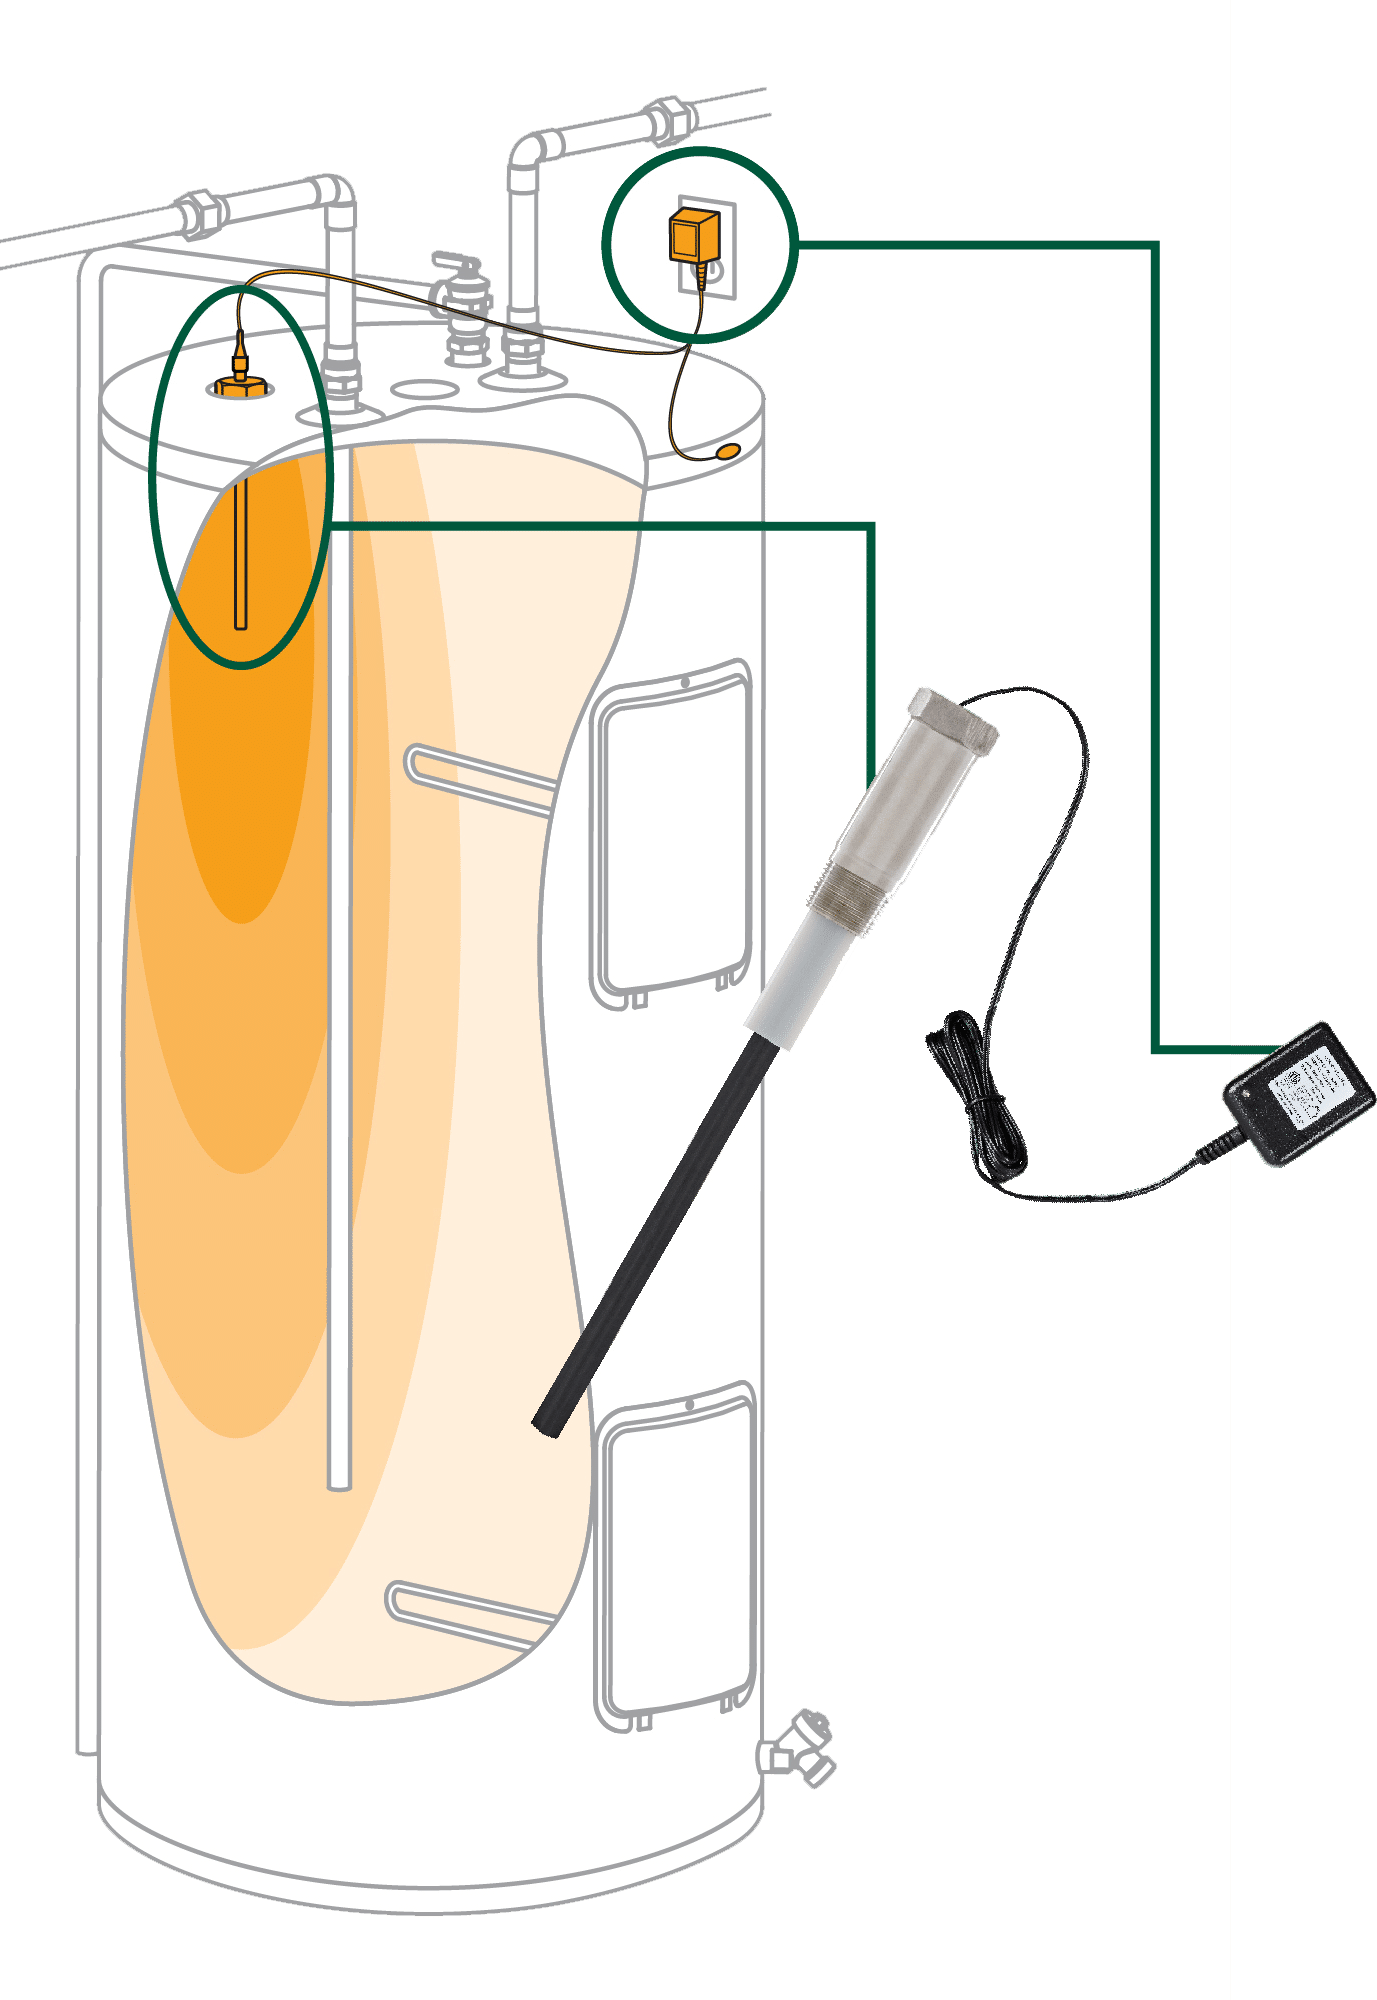 Ang pag-install ng Corro-Protec anode